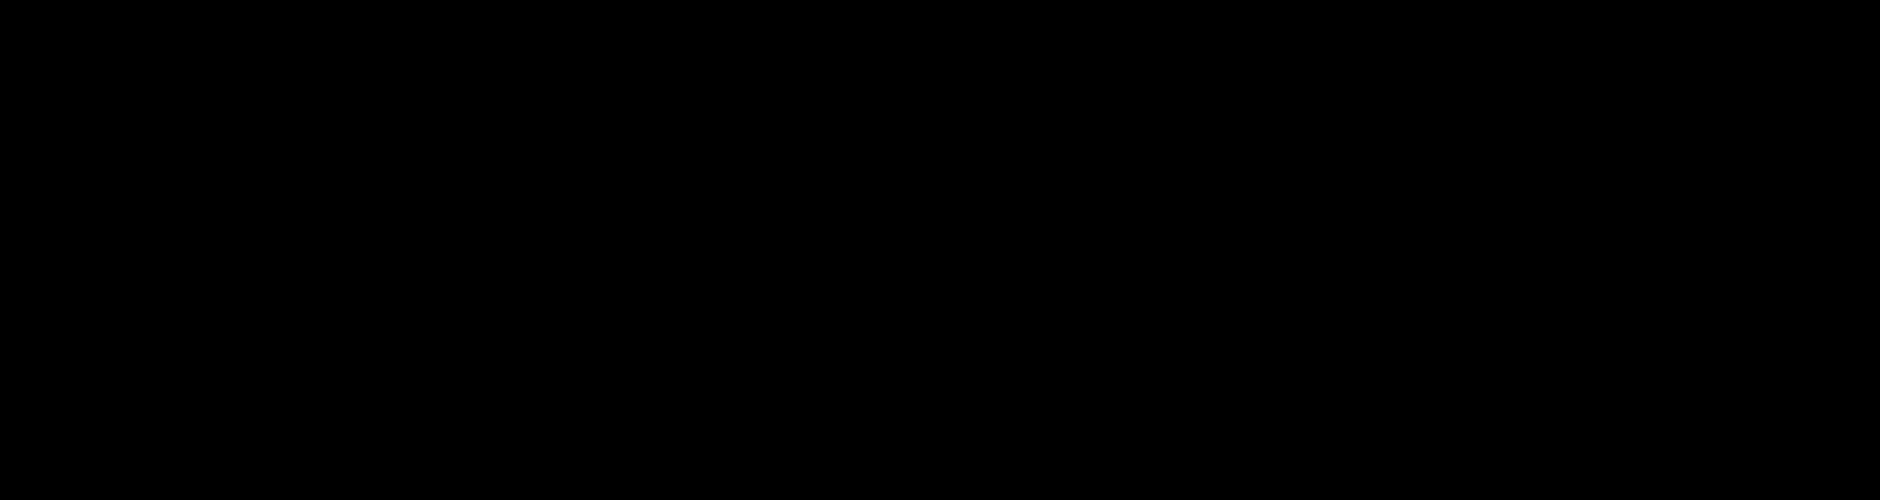 ILUMINACIÓN HIPERMERCADO